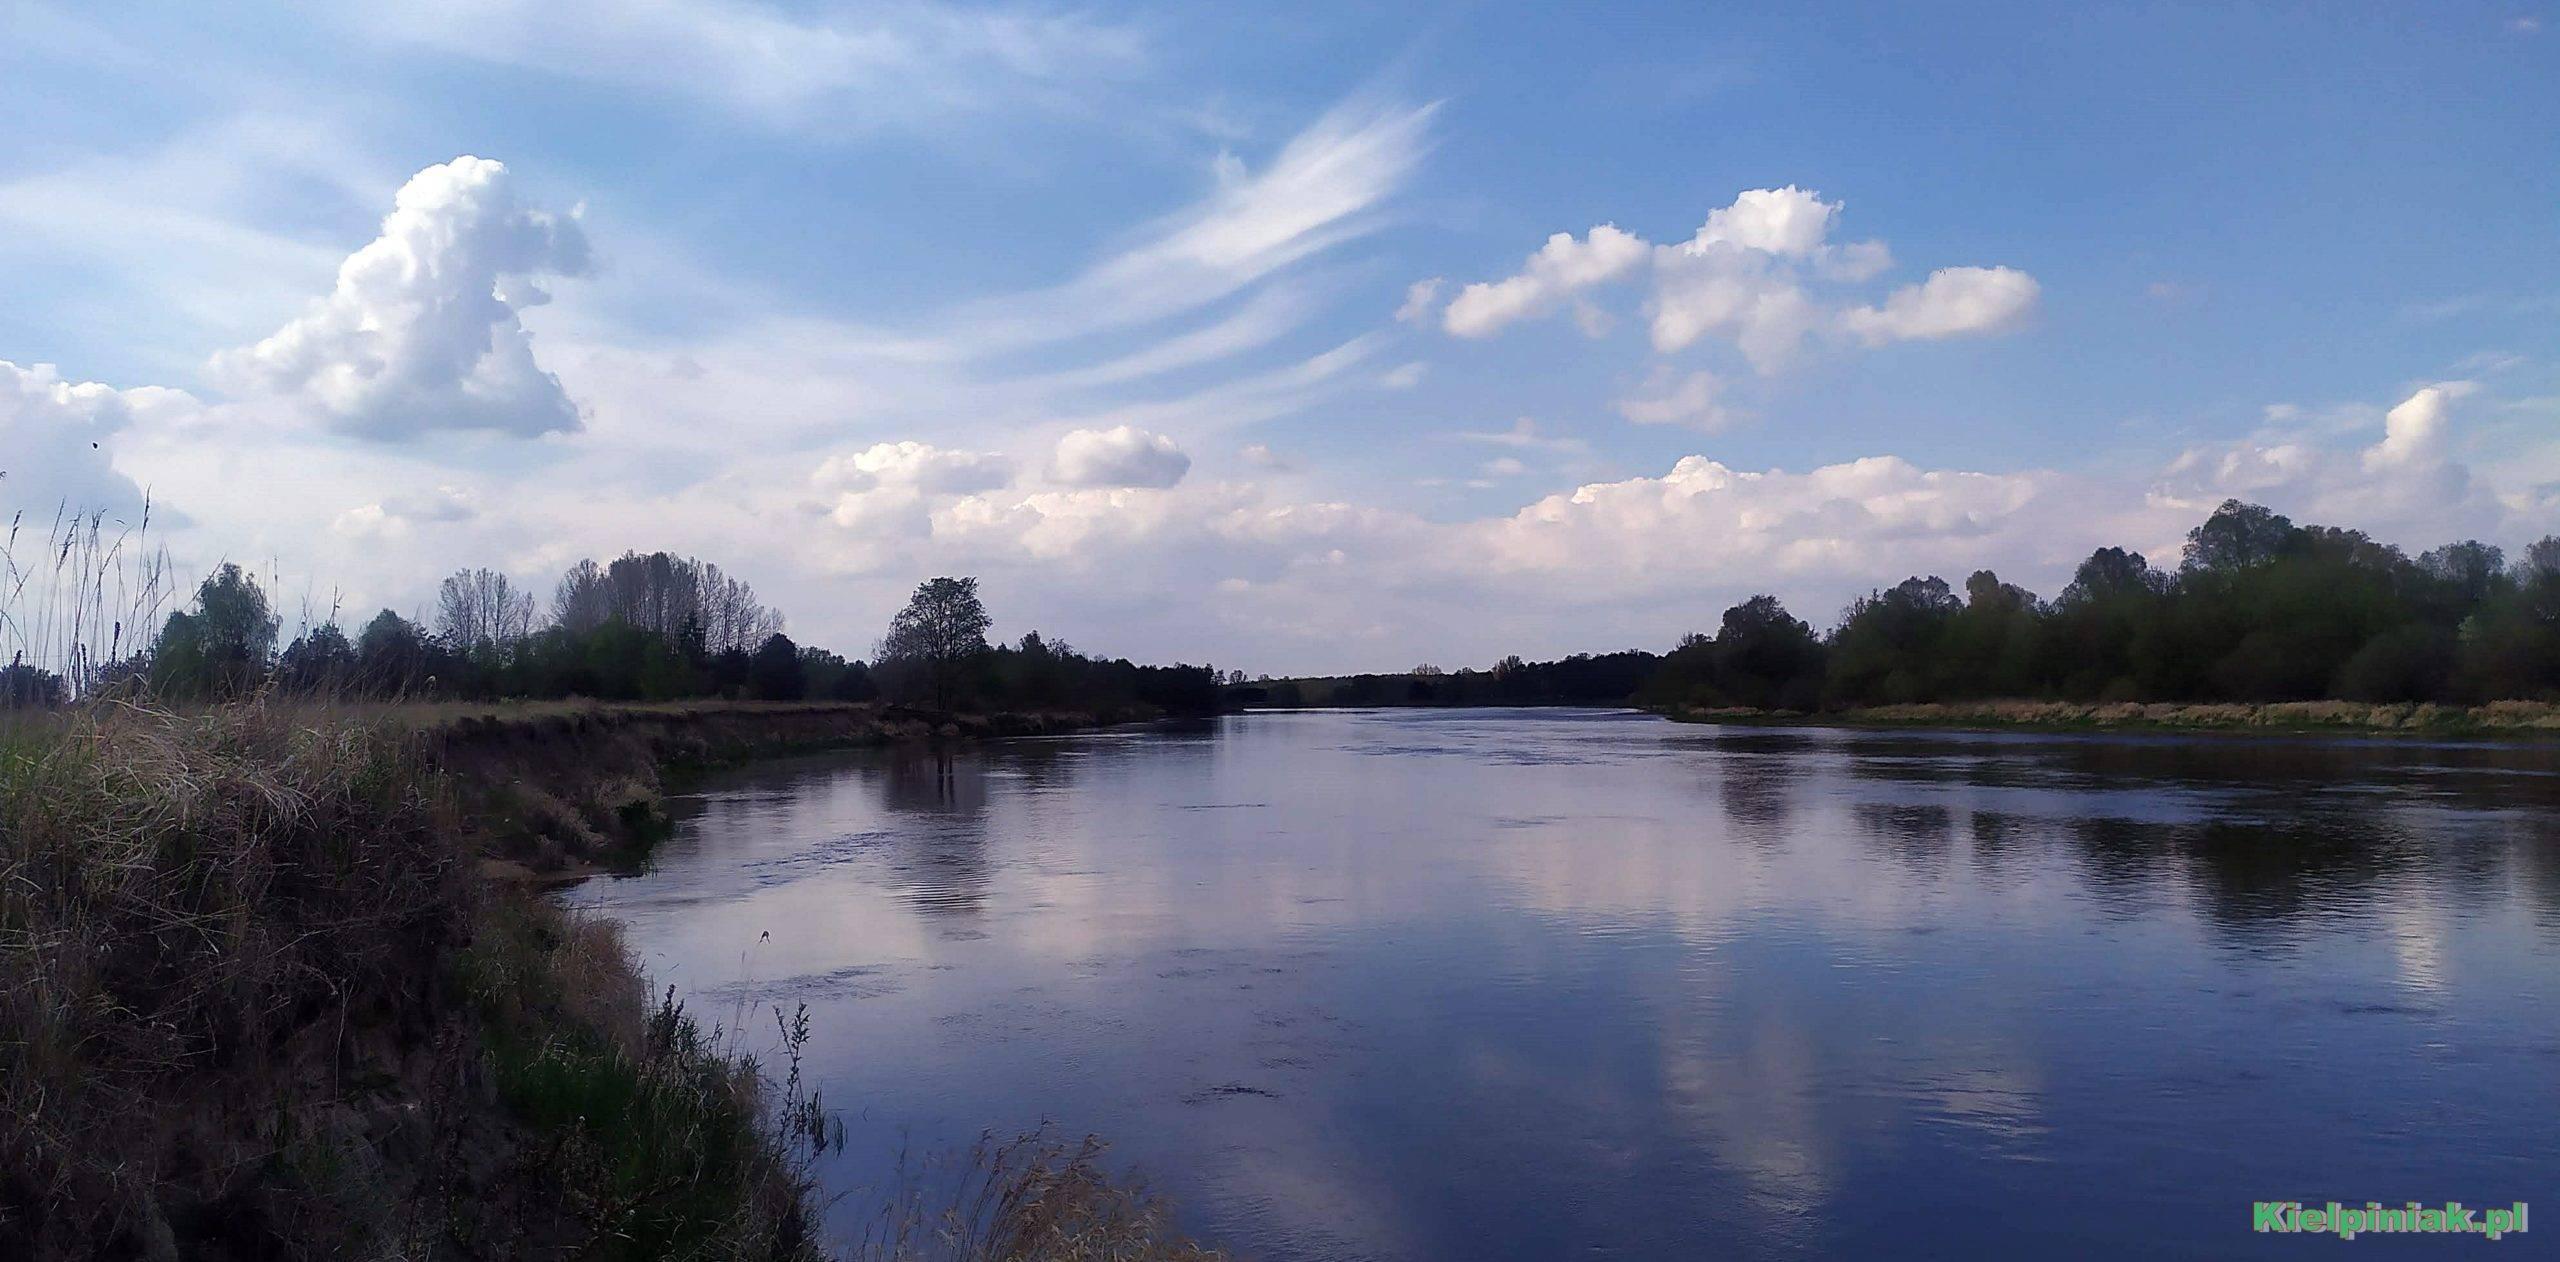 rzeka Bug w okolicy młynarzy maj 2020